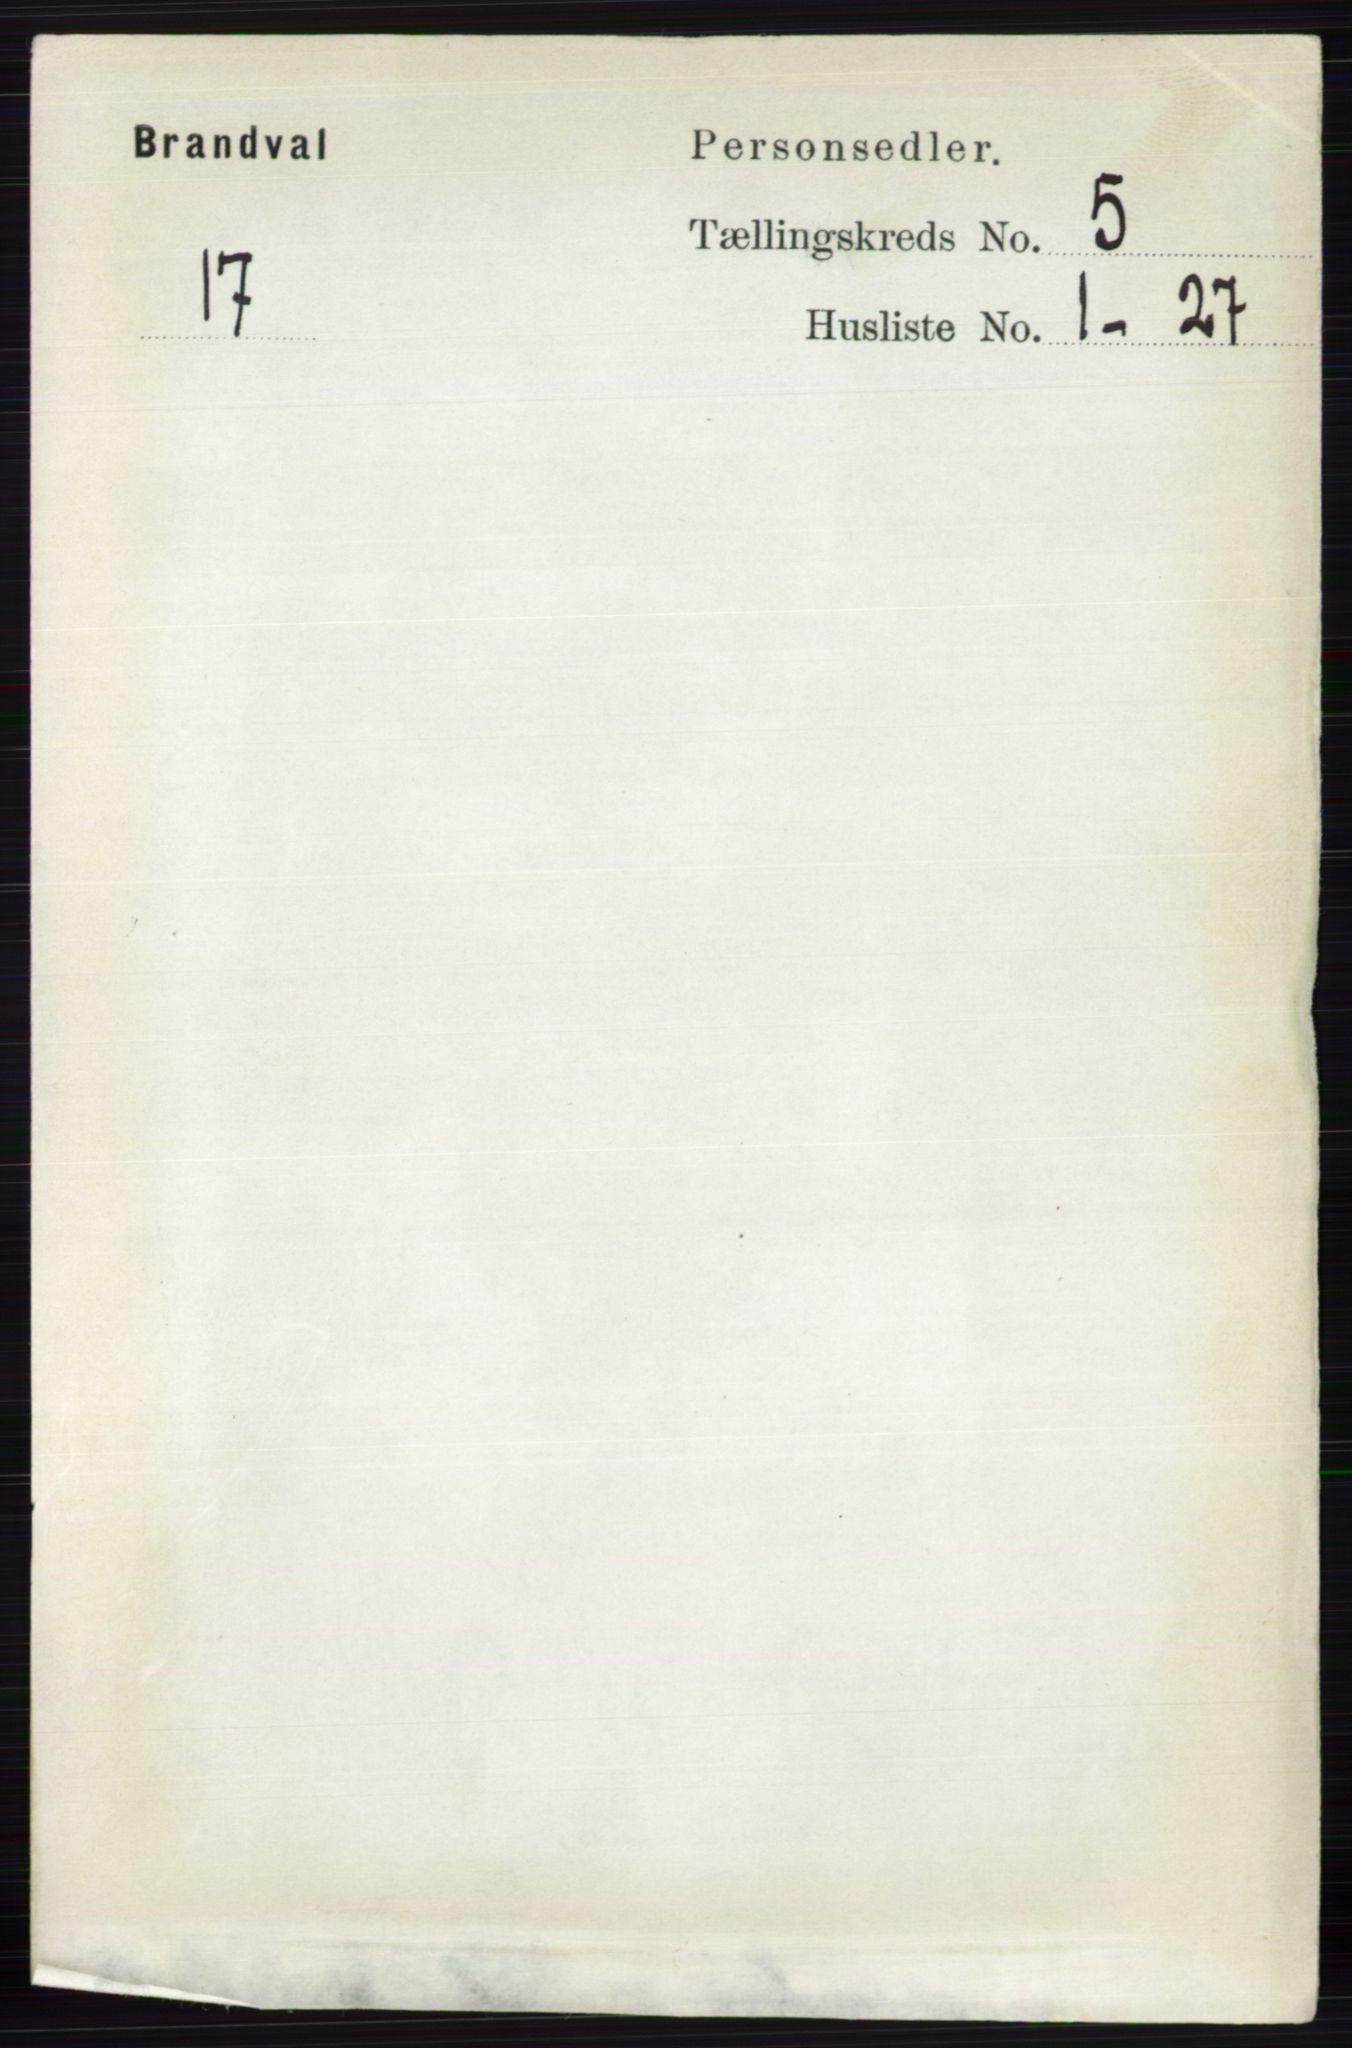 RA, Folketelling 1891 for 0422 Brandval herred, 1891, s. 2200